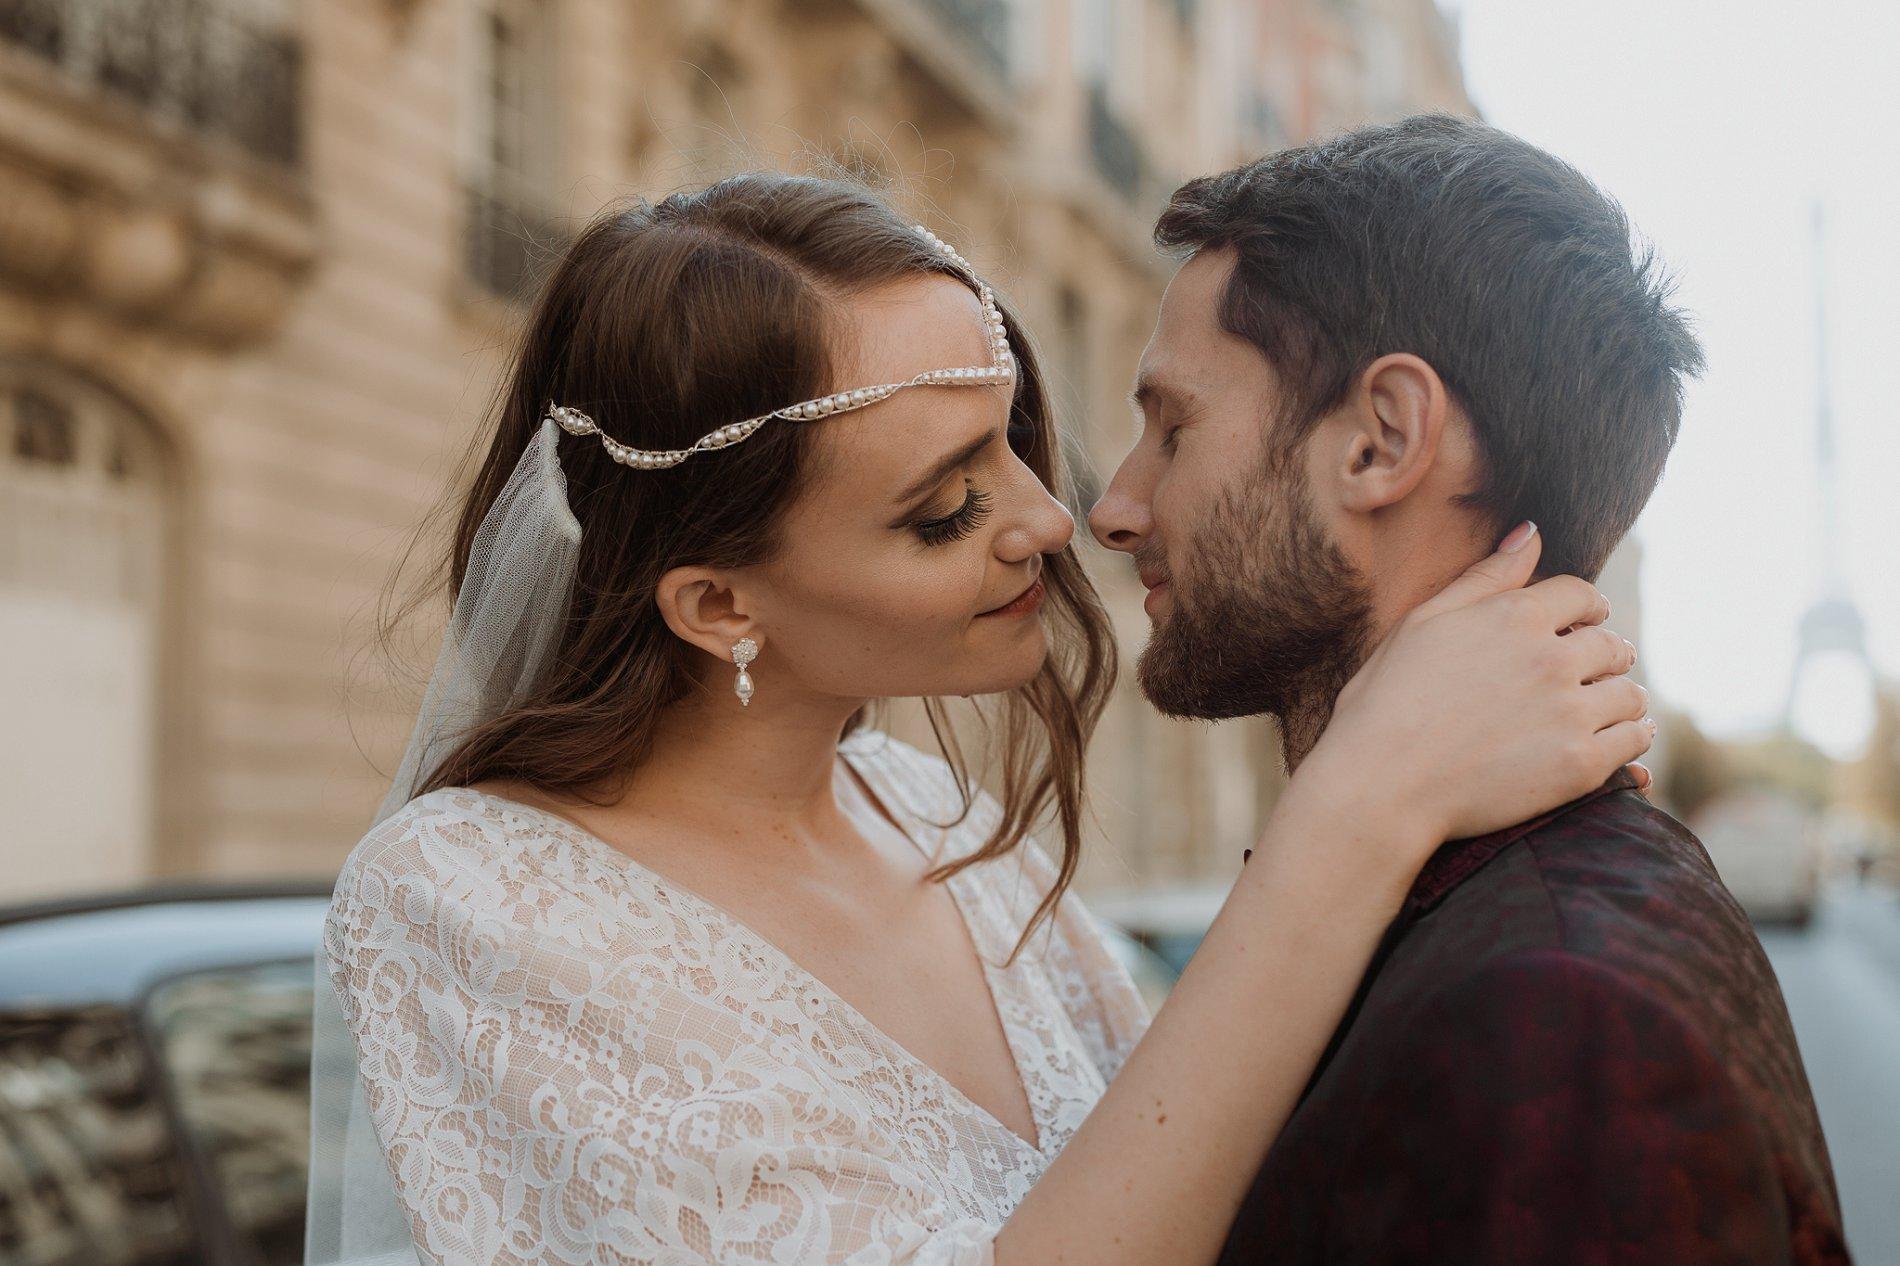 Miss He Bridal Romantic Paris Elopement (c) Xanthe Rowland Photography (4)